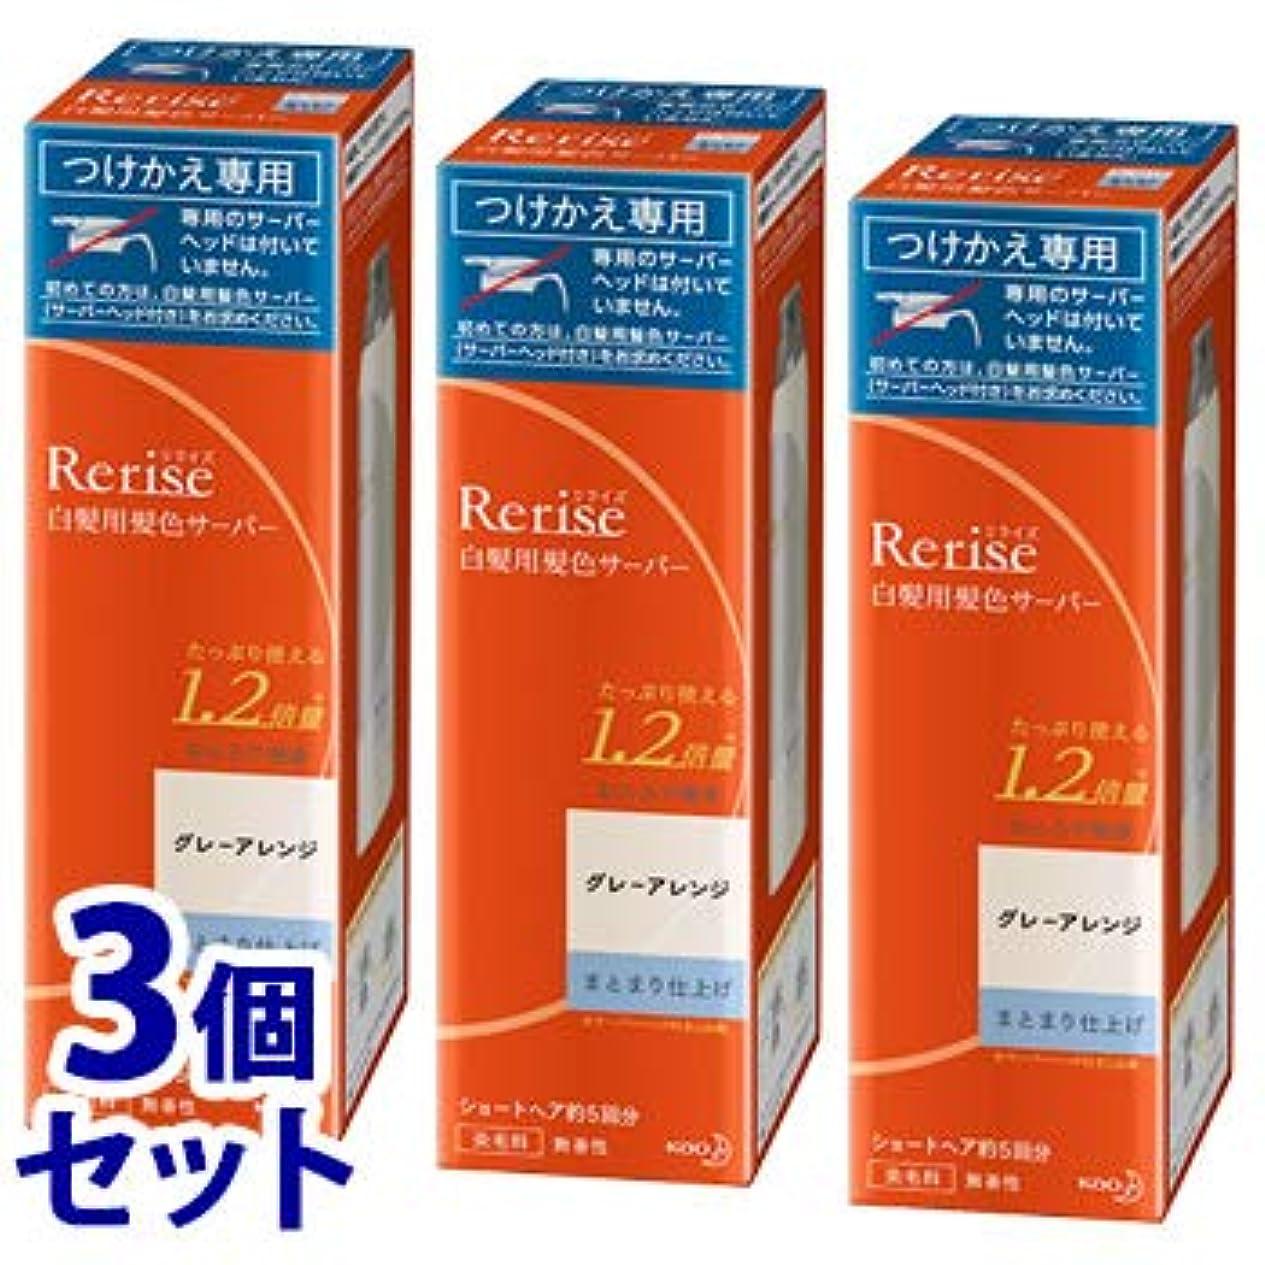 七時半モスリラックス《セット販売》 花王 リライズ 白髪用髪色サーバー グレーアレンジ まとまり仕上げ つけかえ用 (190g)×3個セット 付け替え用 染毛料